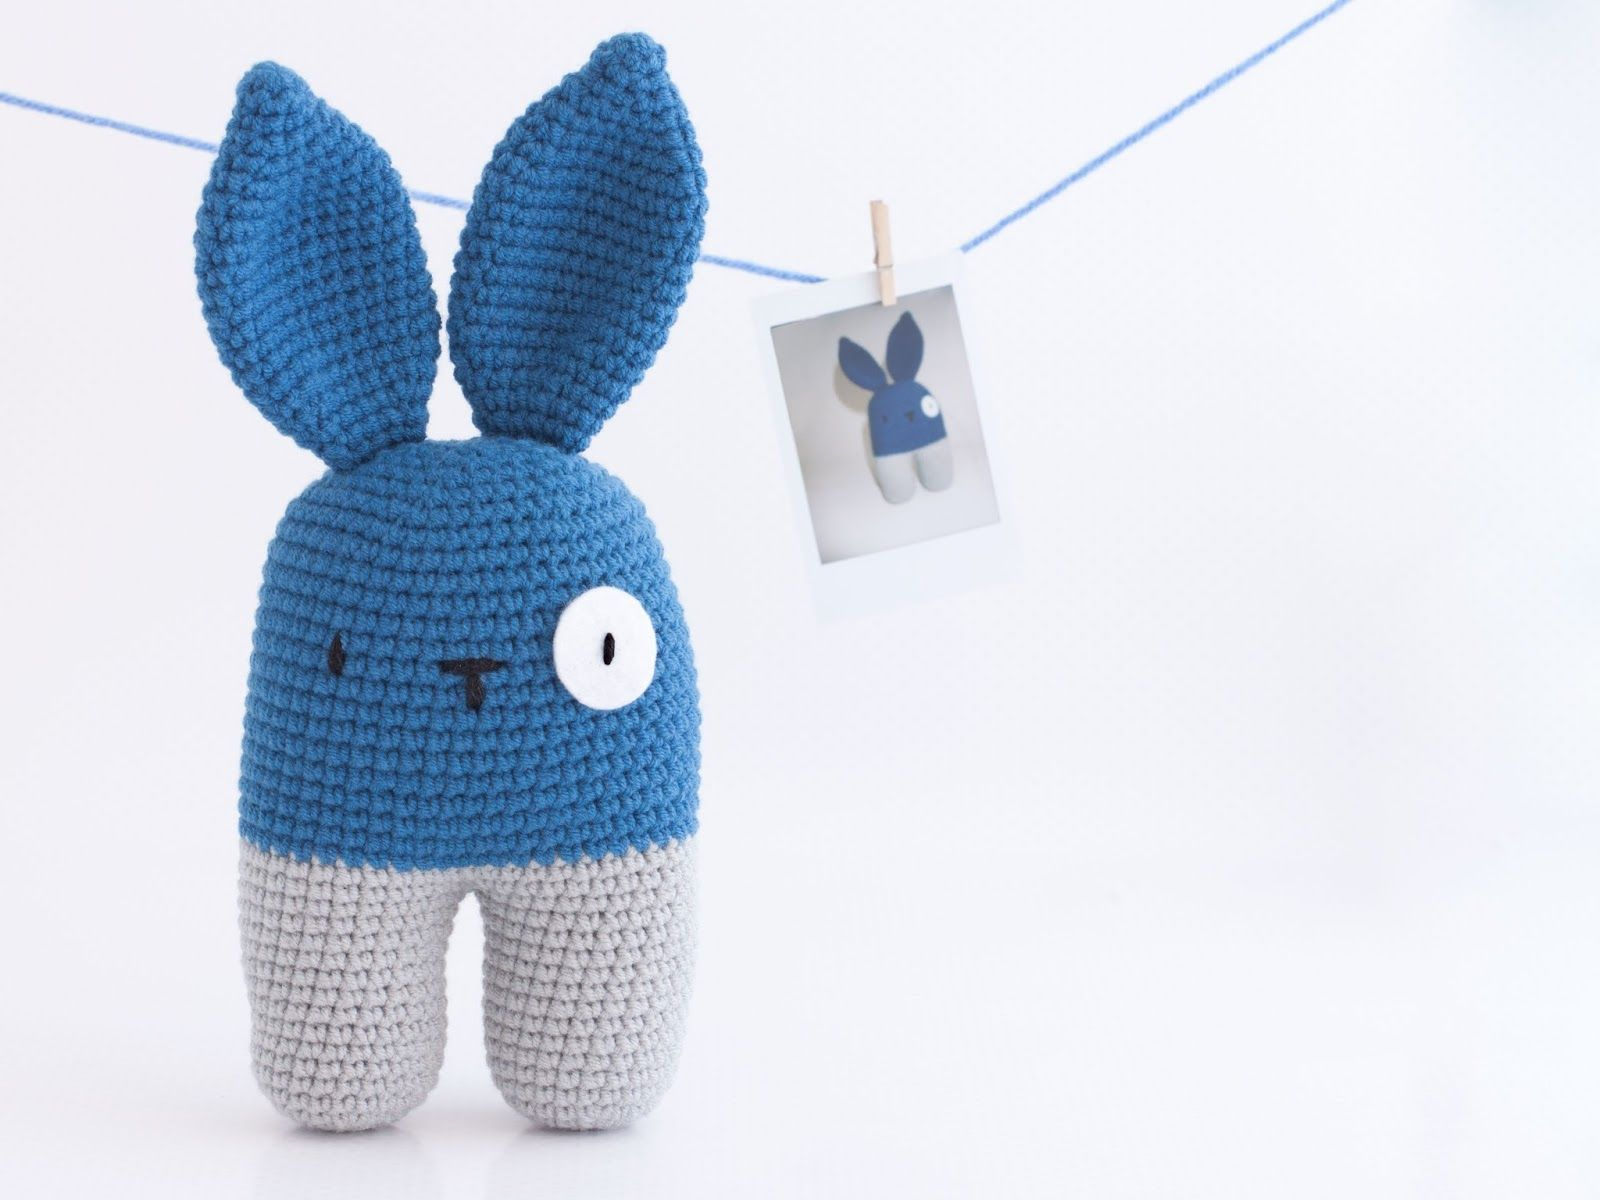 Amigurumi conejo bípedo (enlace a patrón gratis) | Amigurumis PequiCosas